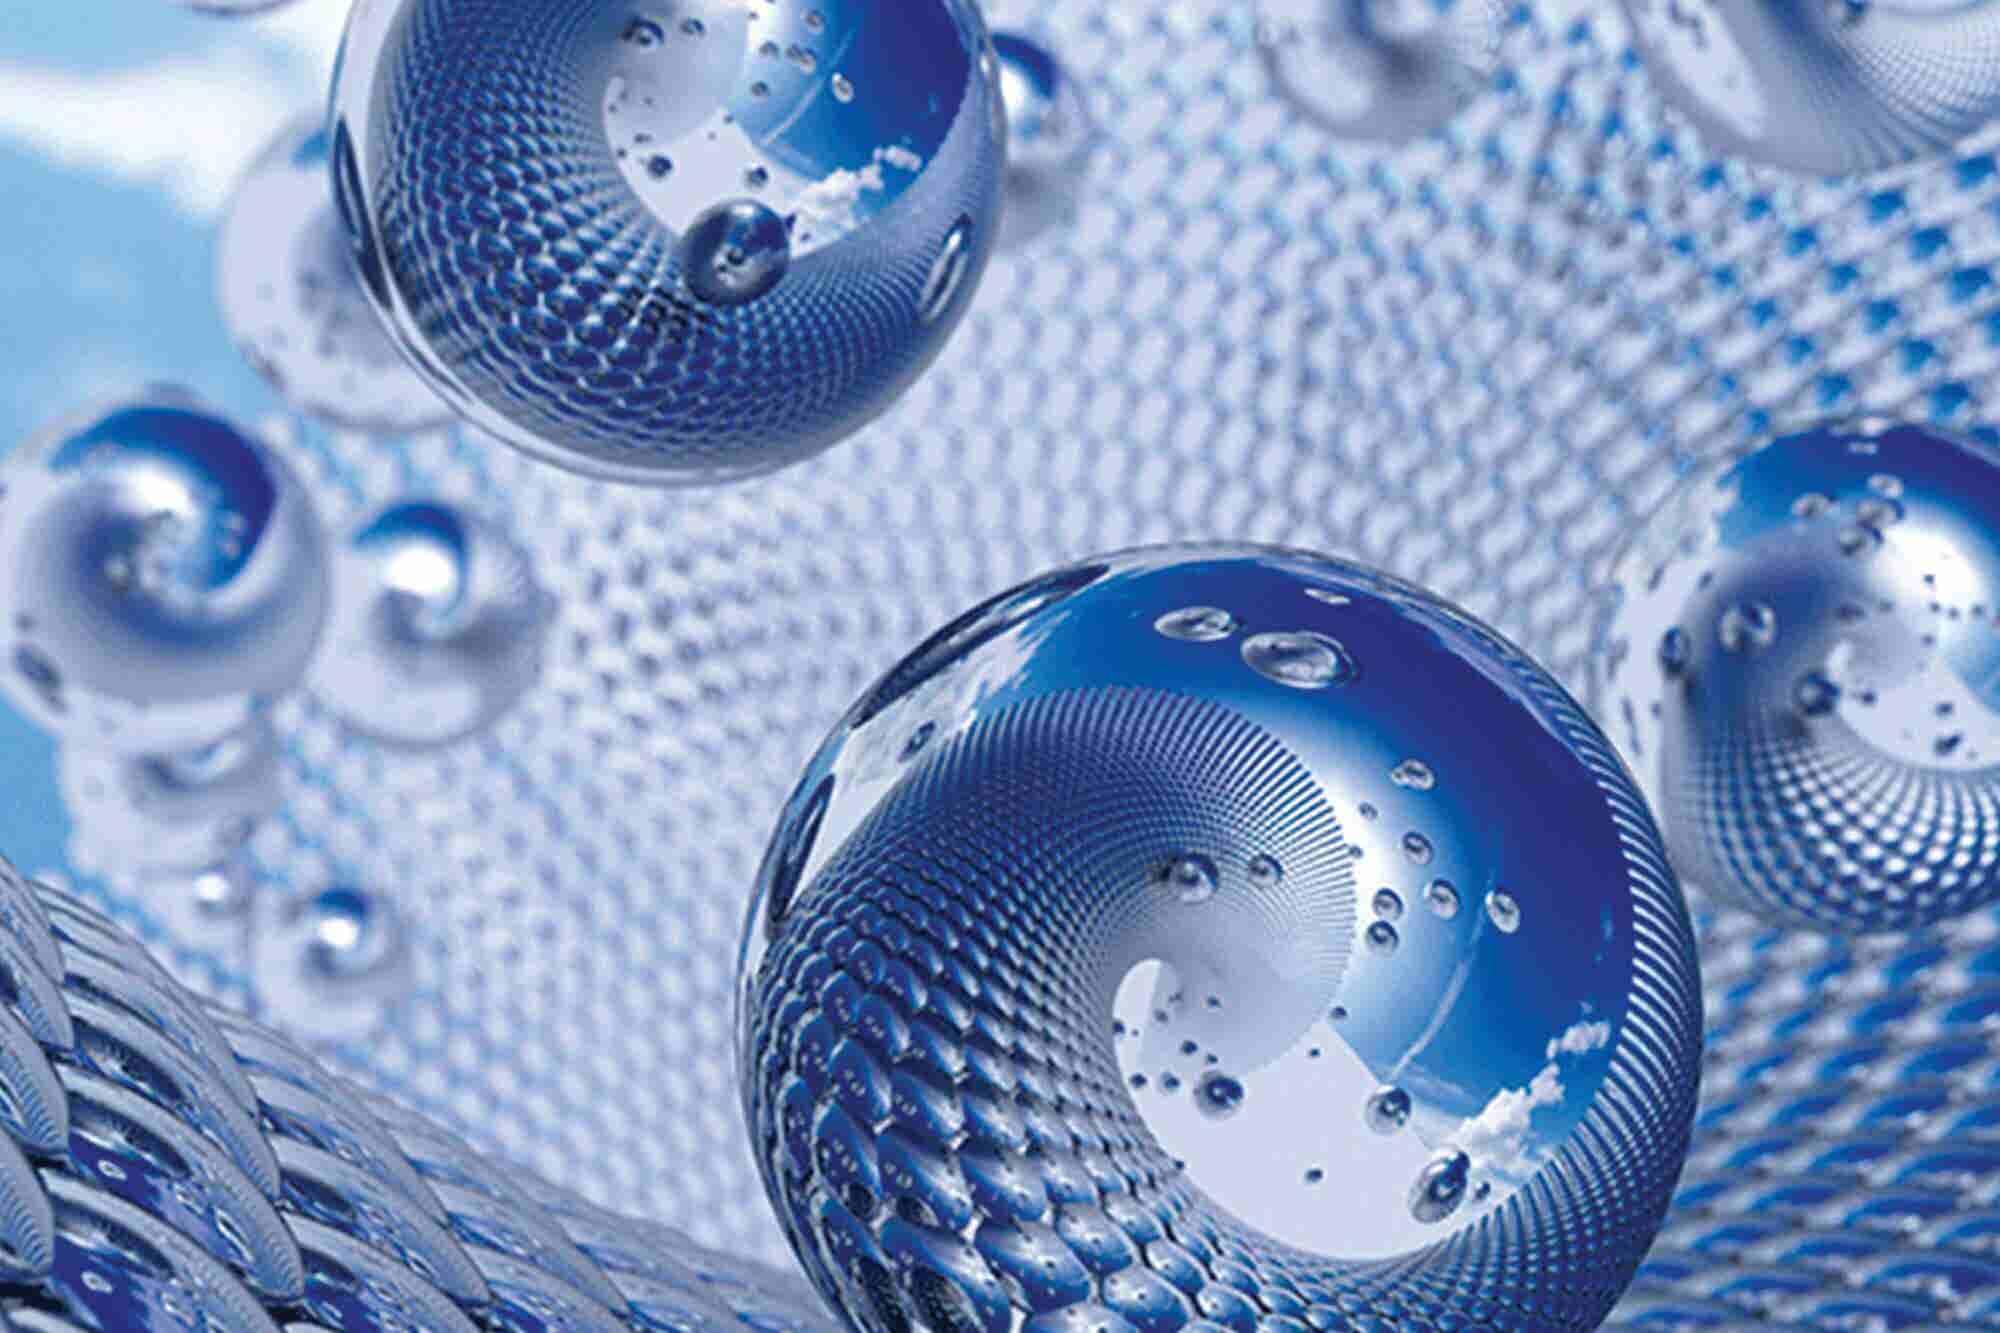 Prueba con un negocio de recubrimientos de nanotecnología